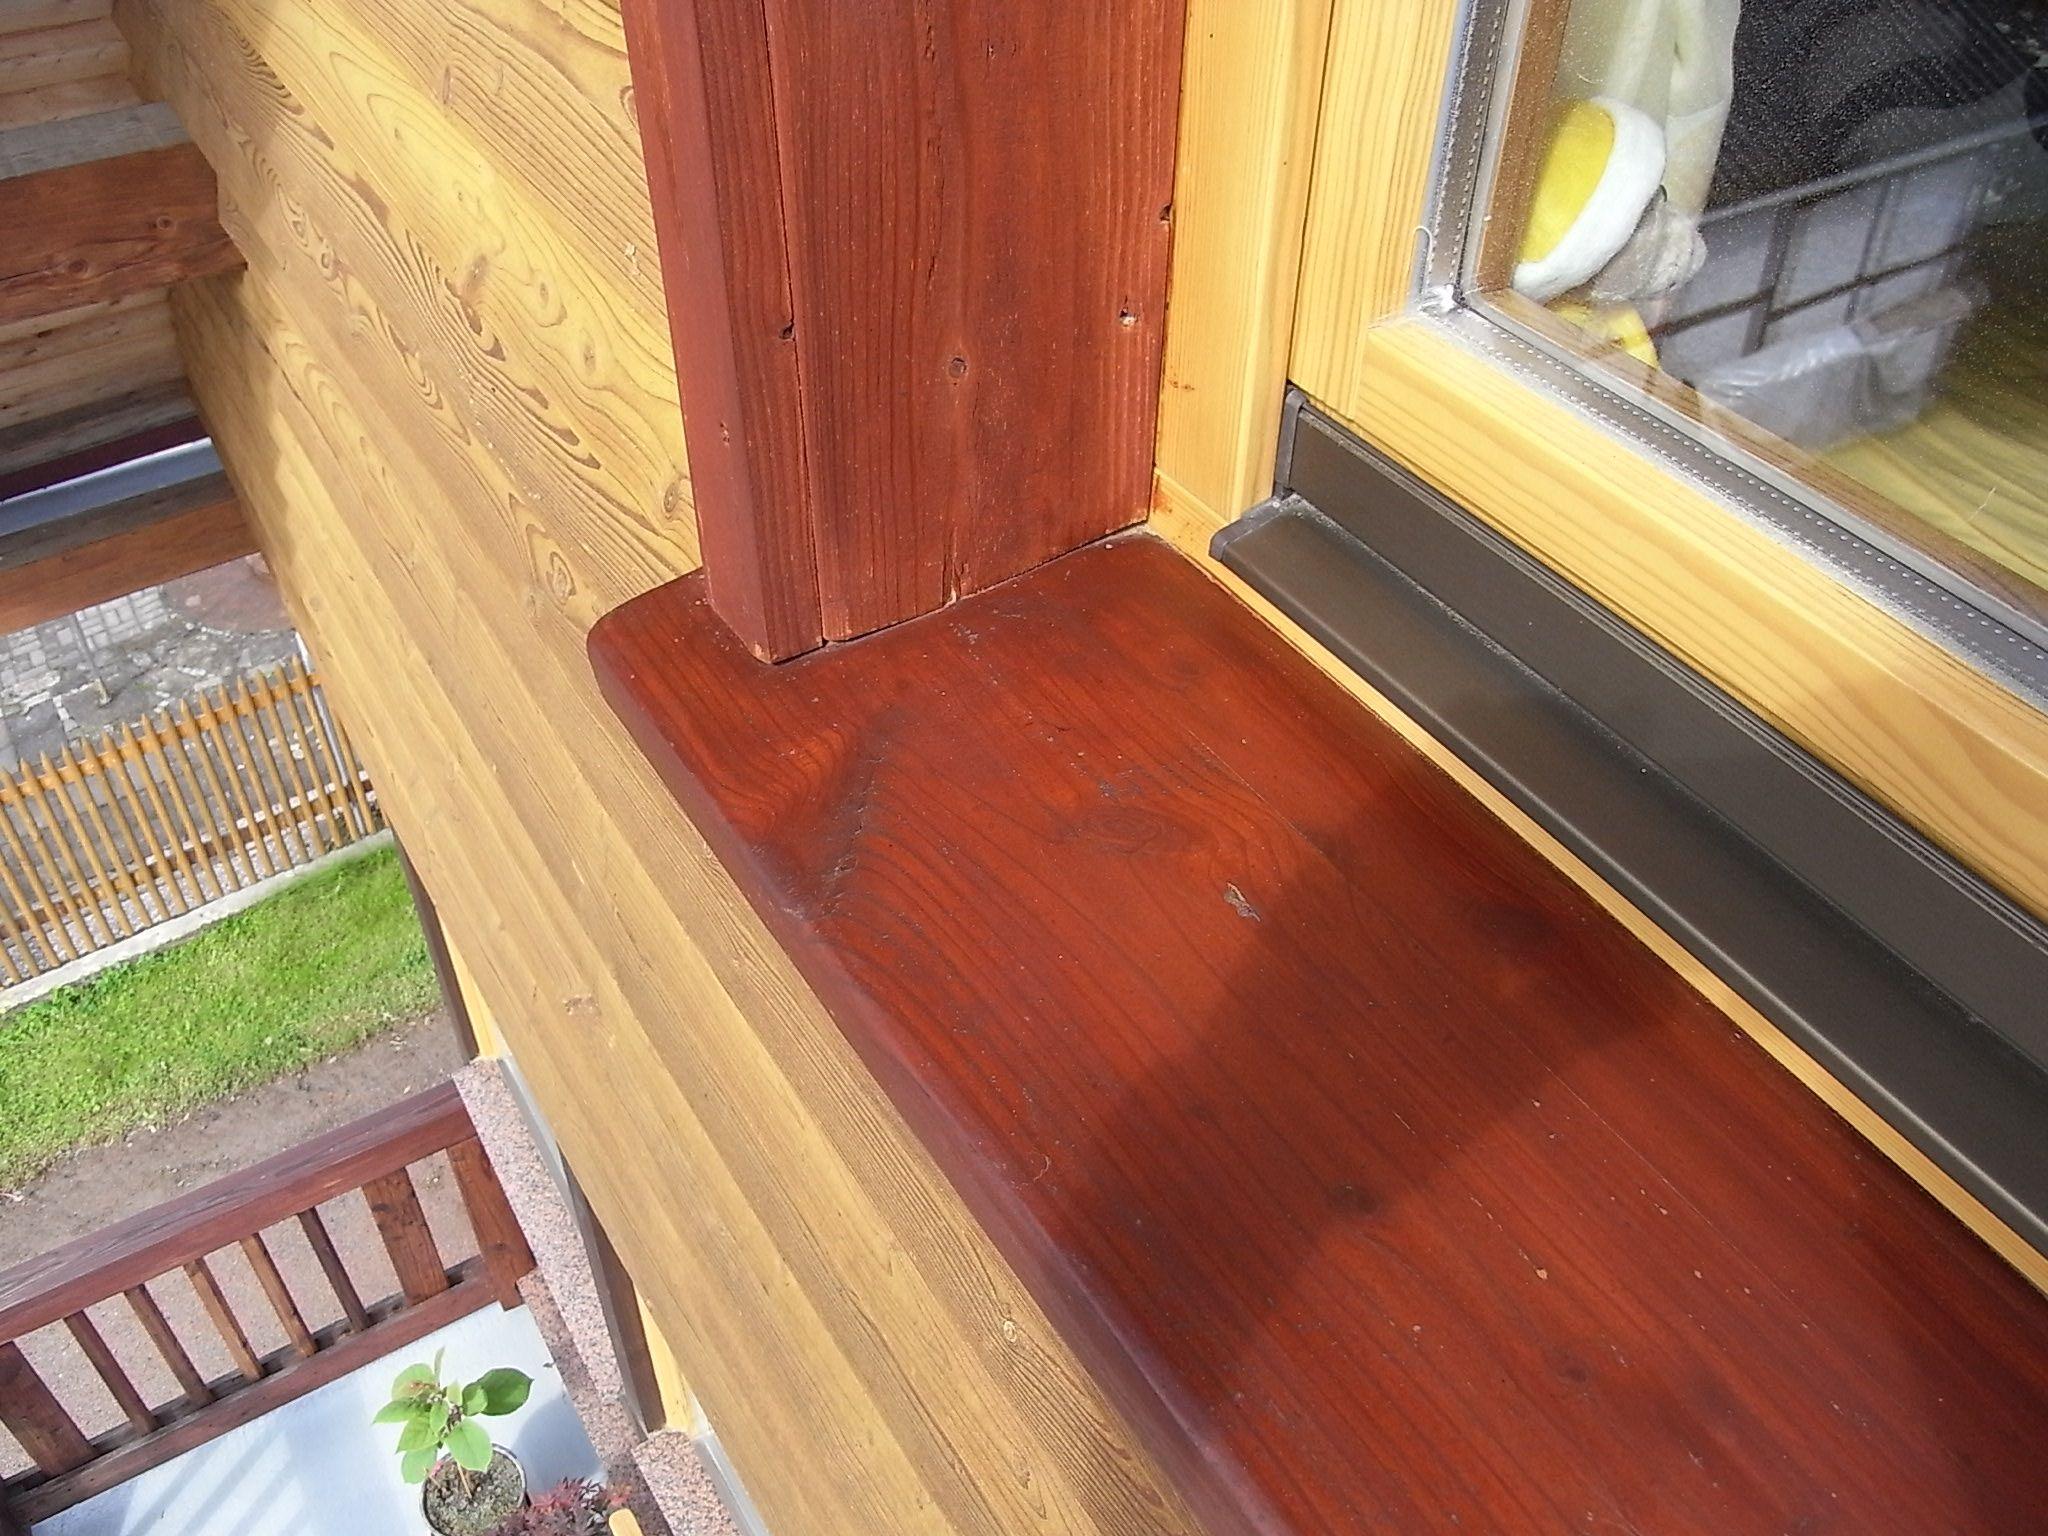 Fensterbank Verkleidung Holz ~ Wo der Regen nichts abwäscht muss man ja selber wischen, deshalb ist